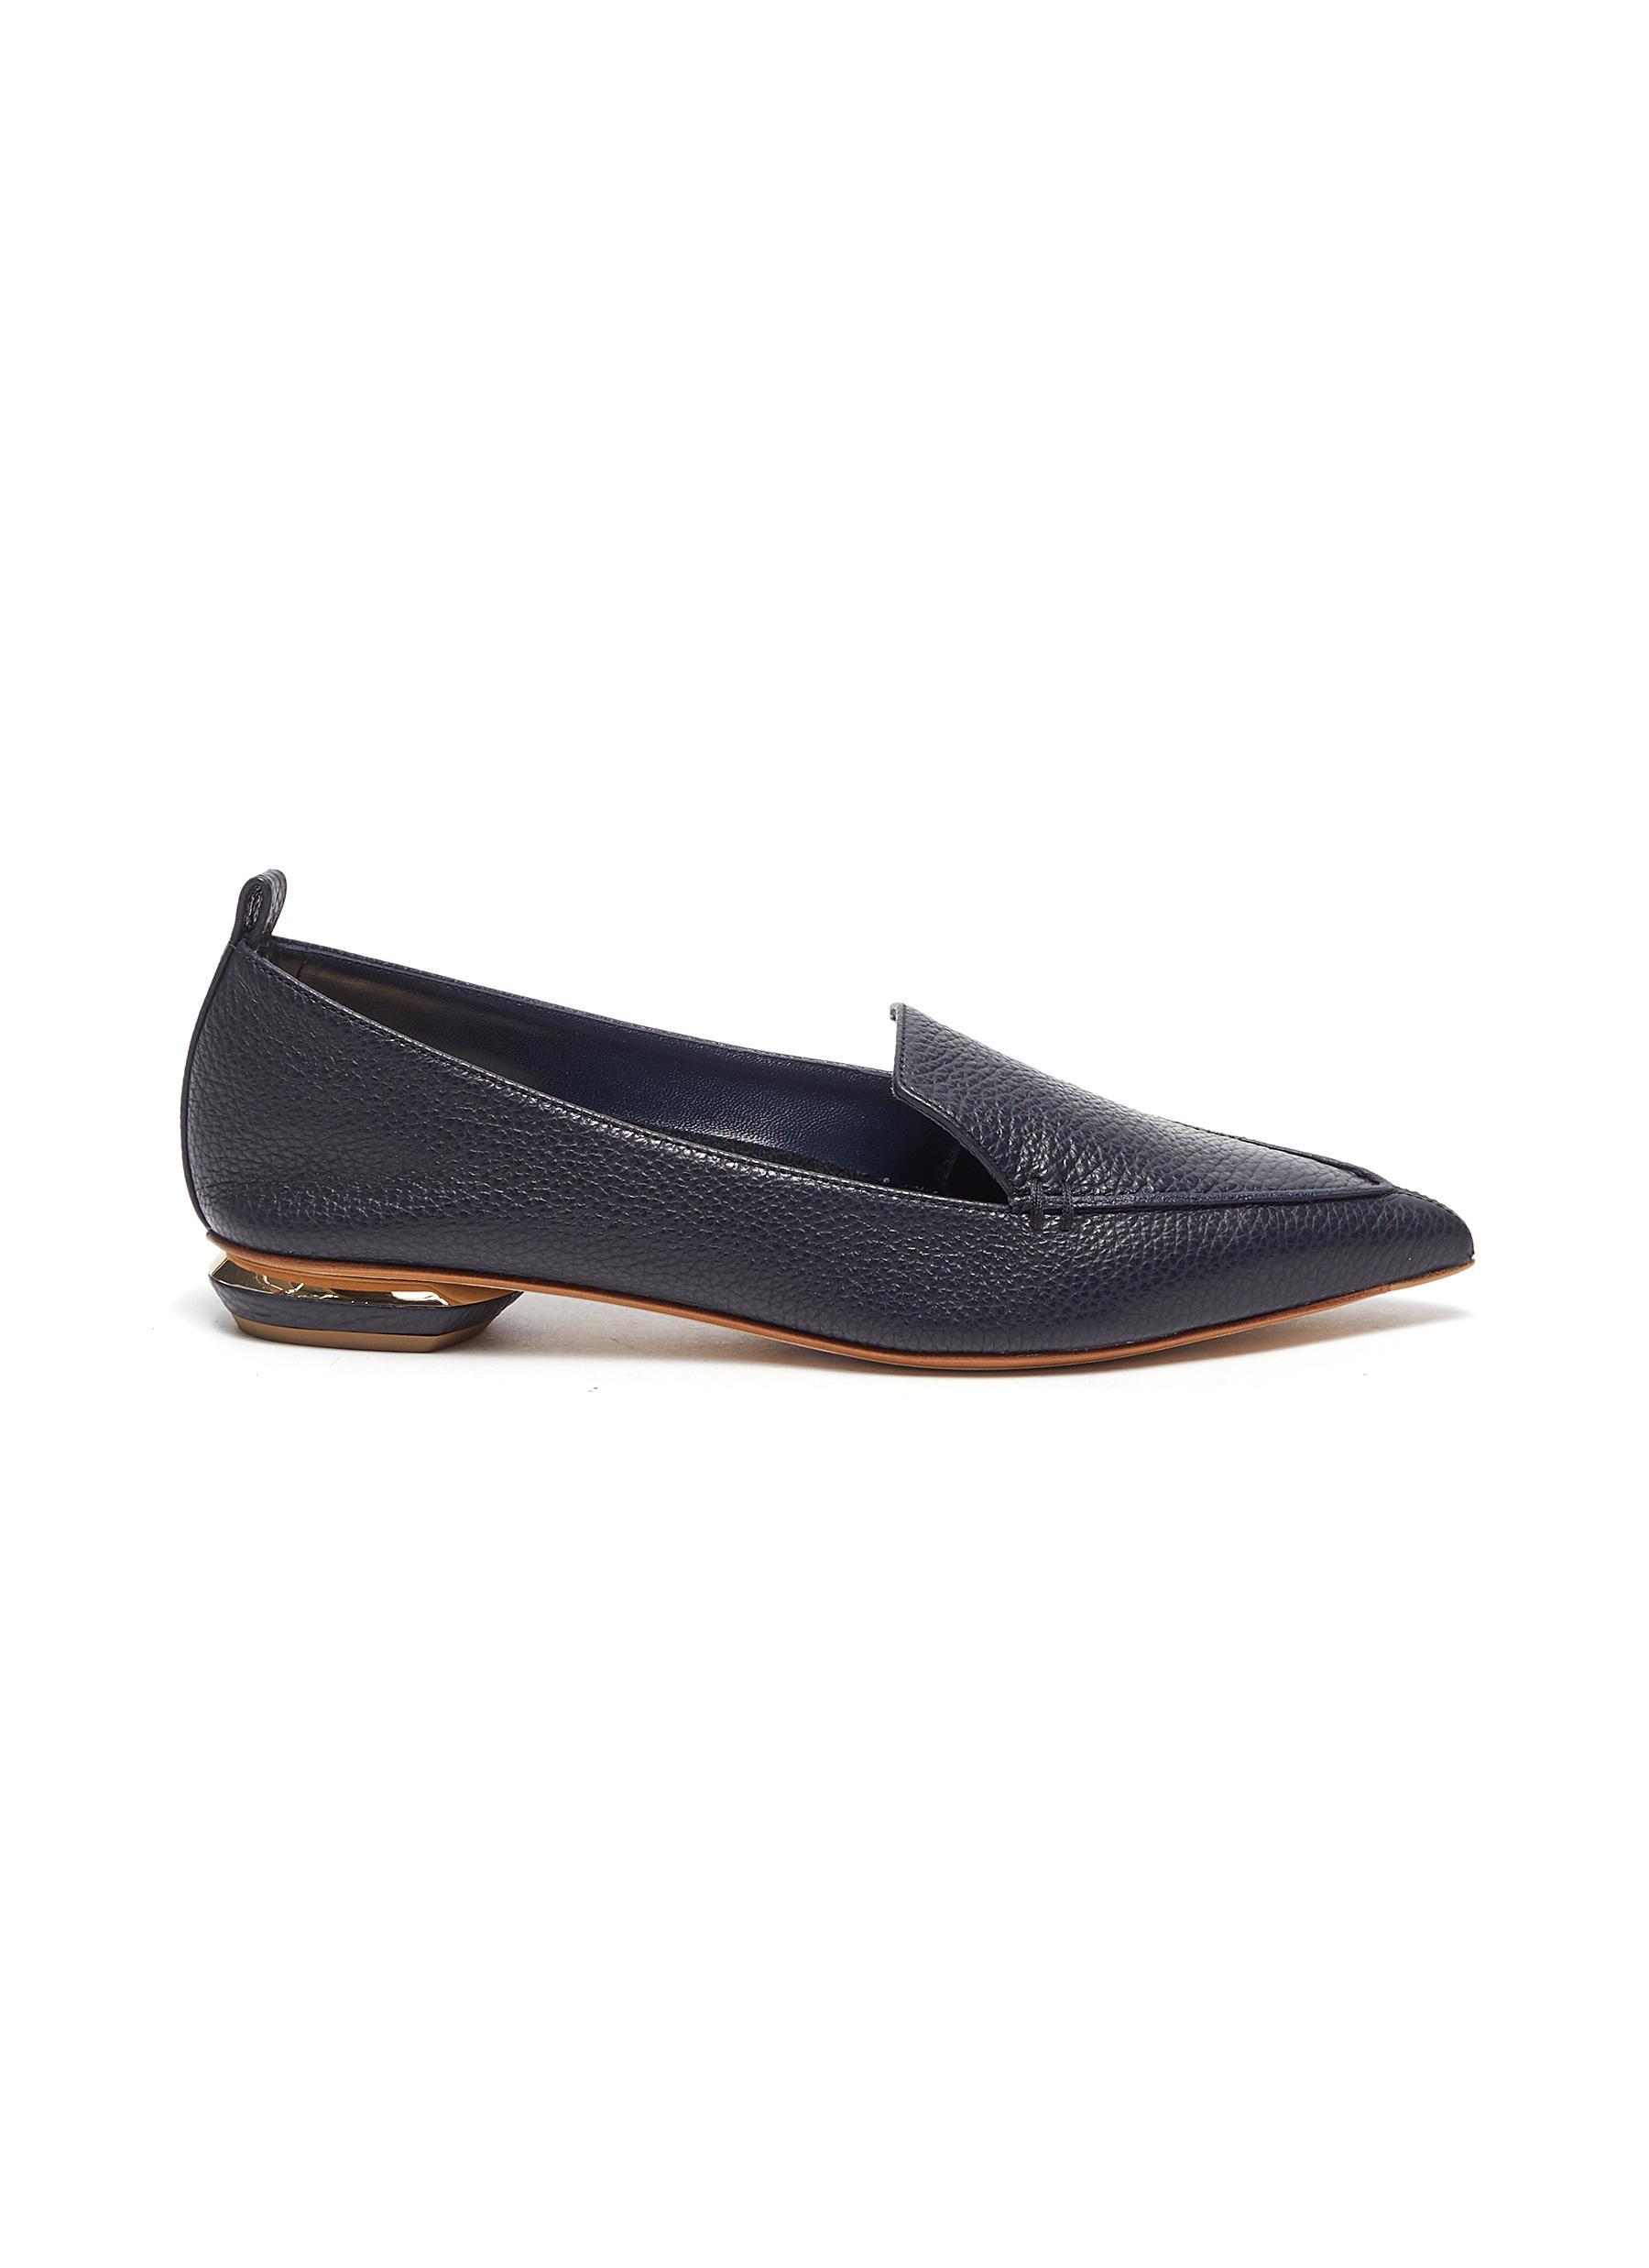 Beya' Pebble Leather Loafers - NICHOLAS KIRKWOOD - Modalova